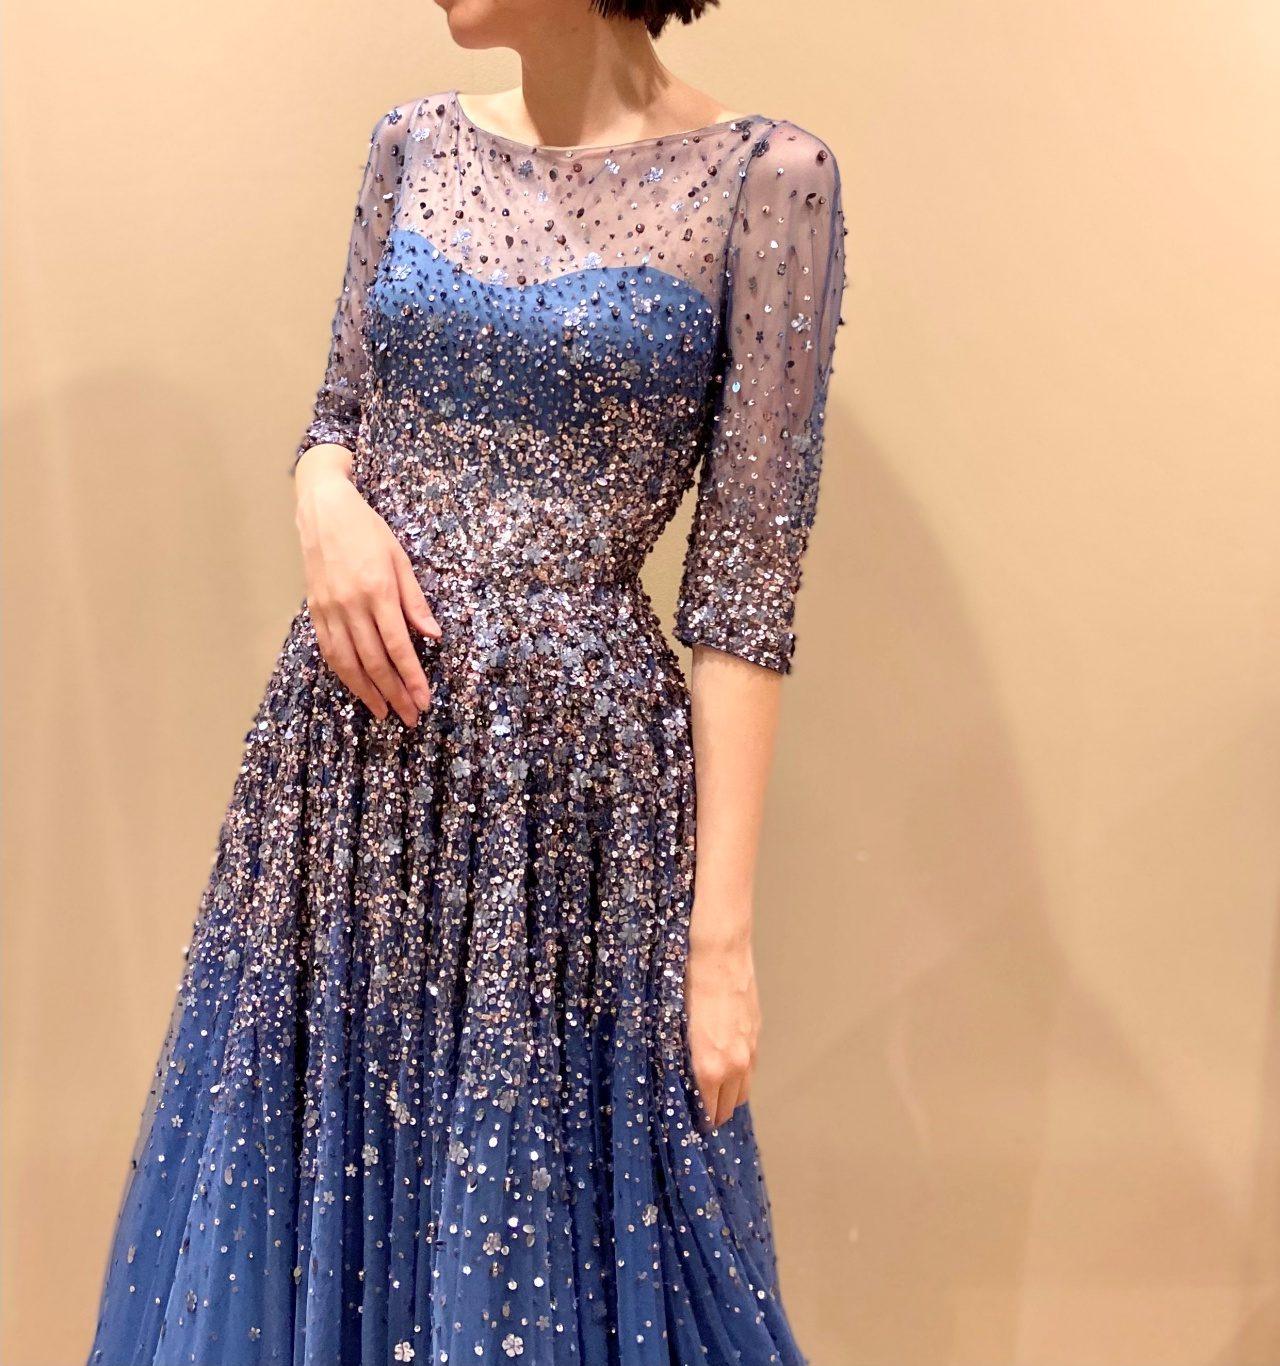 フラワーモチーフのビーディングが華やかなロイヤルブルーのカラードレス